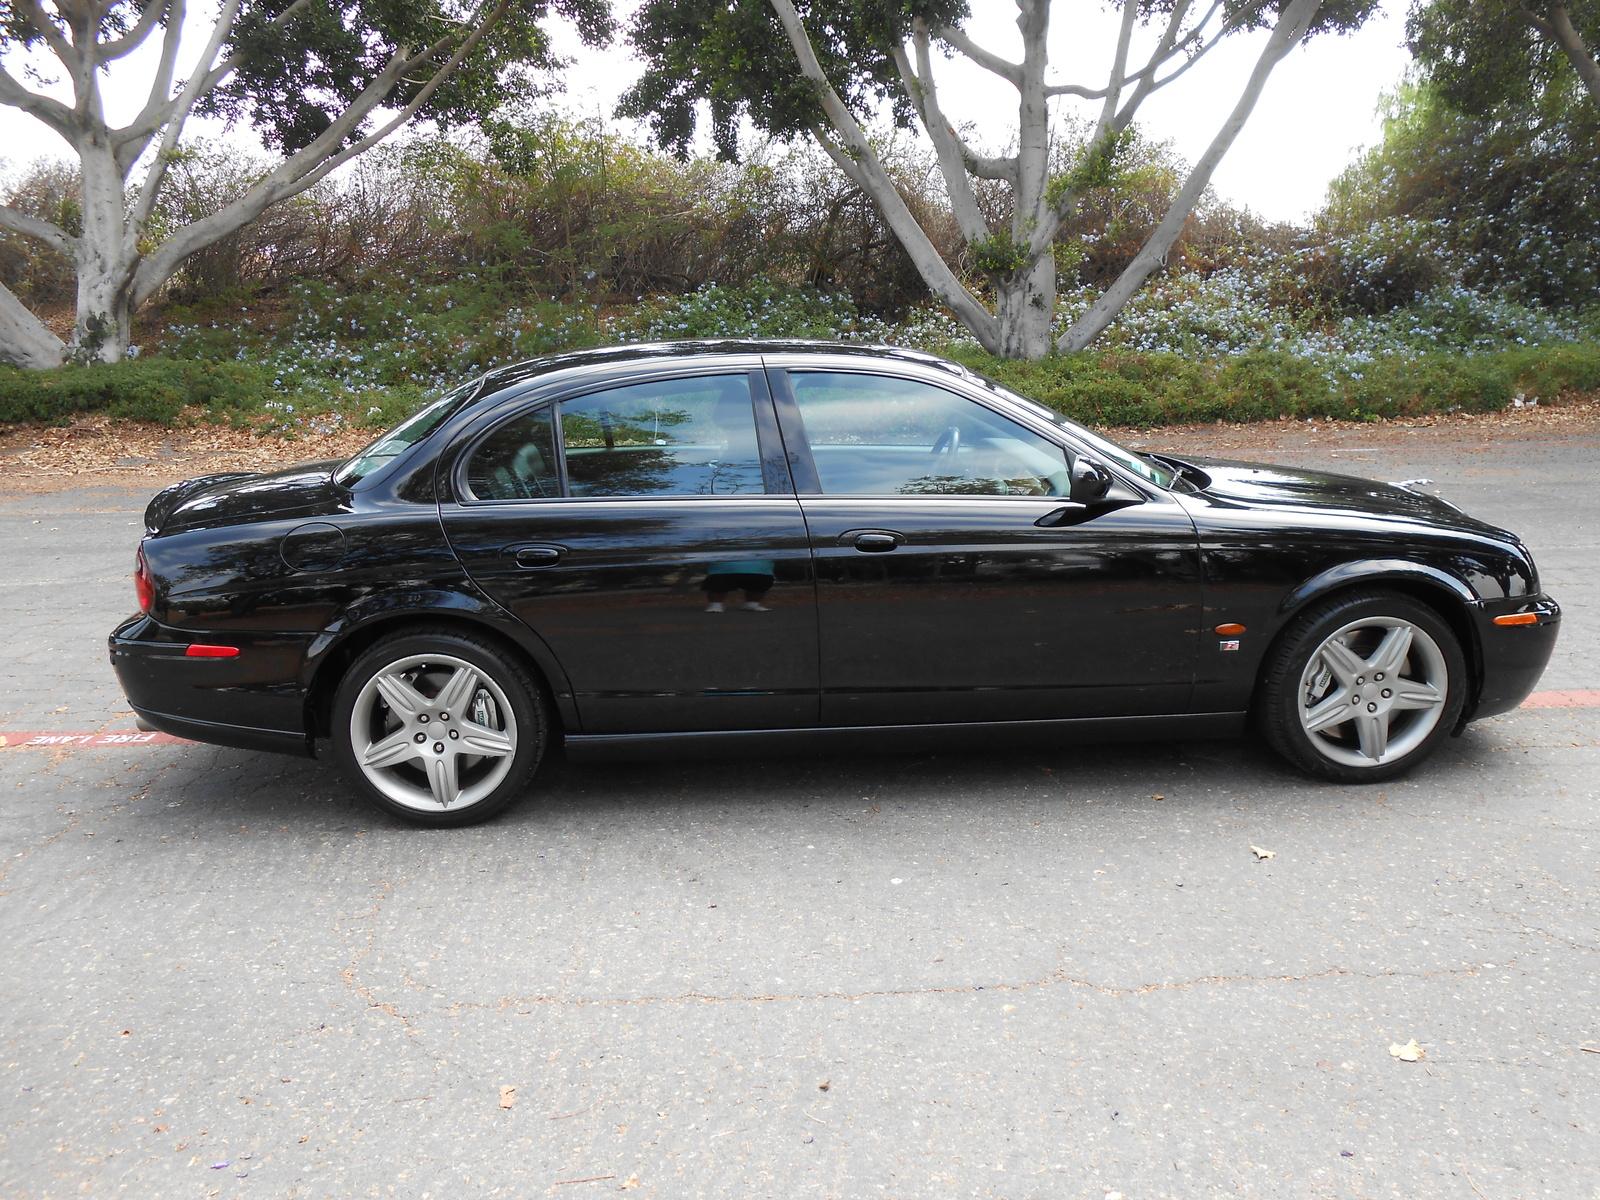 2003 Jaguar S-Type - Pictures - CarGurus